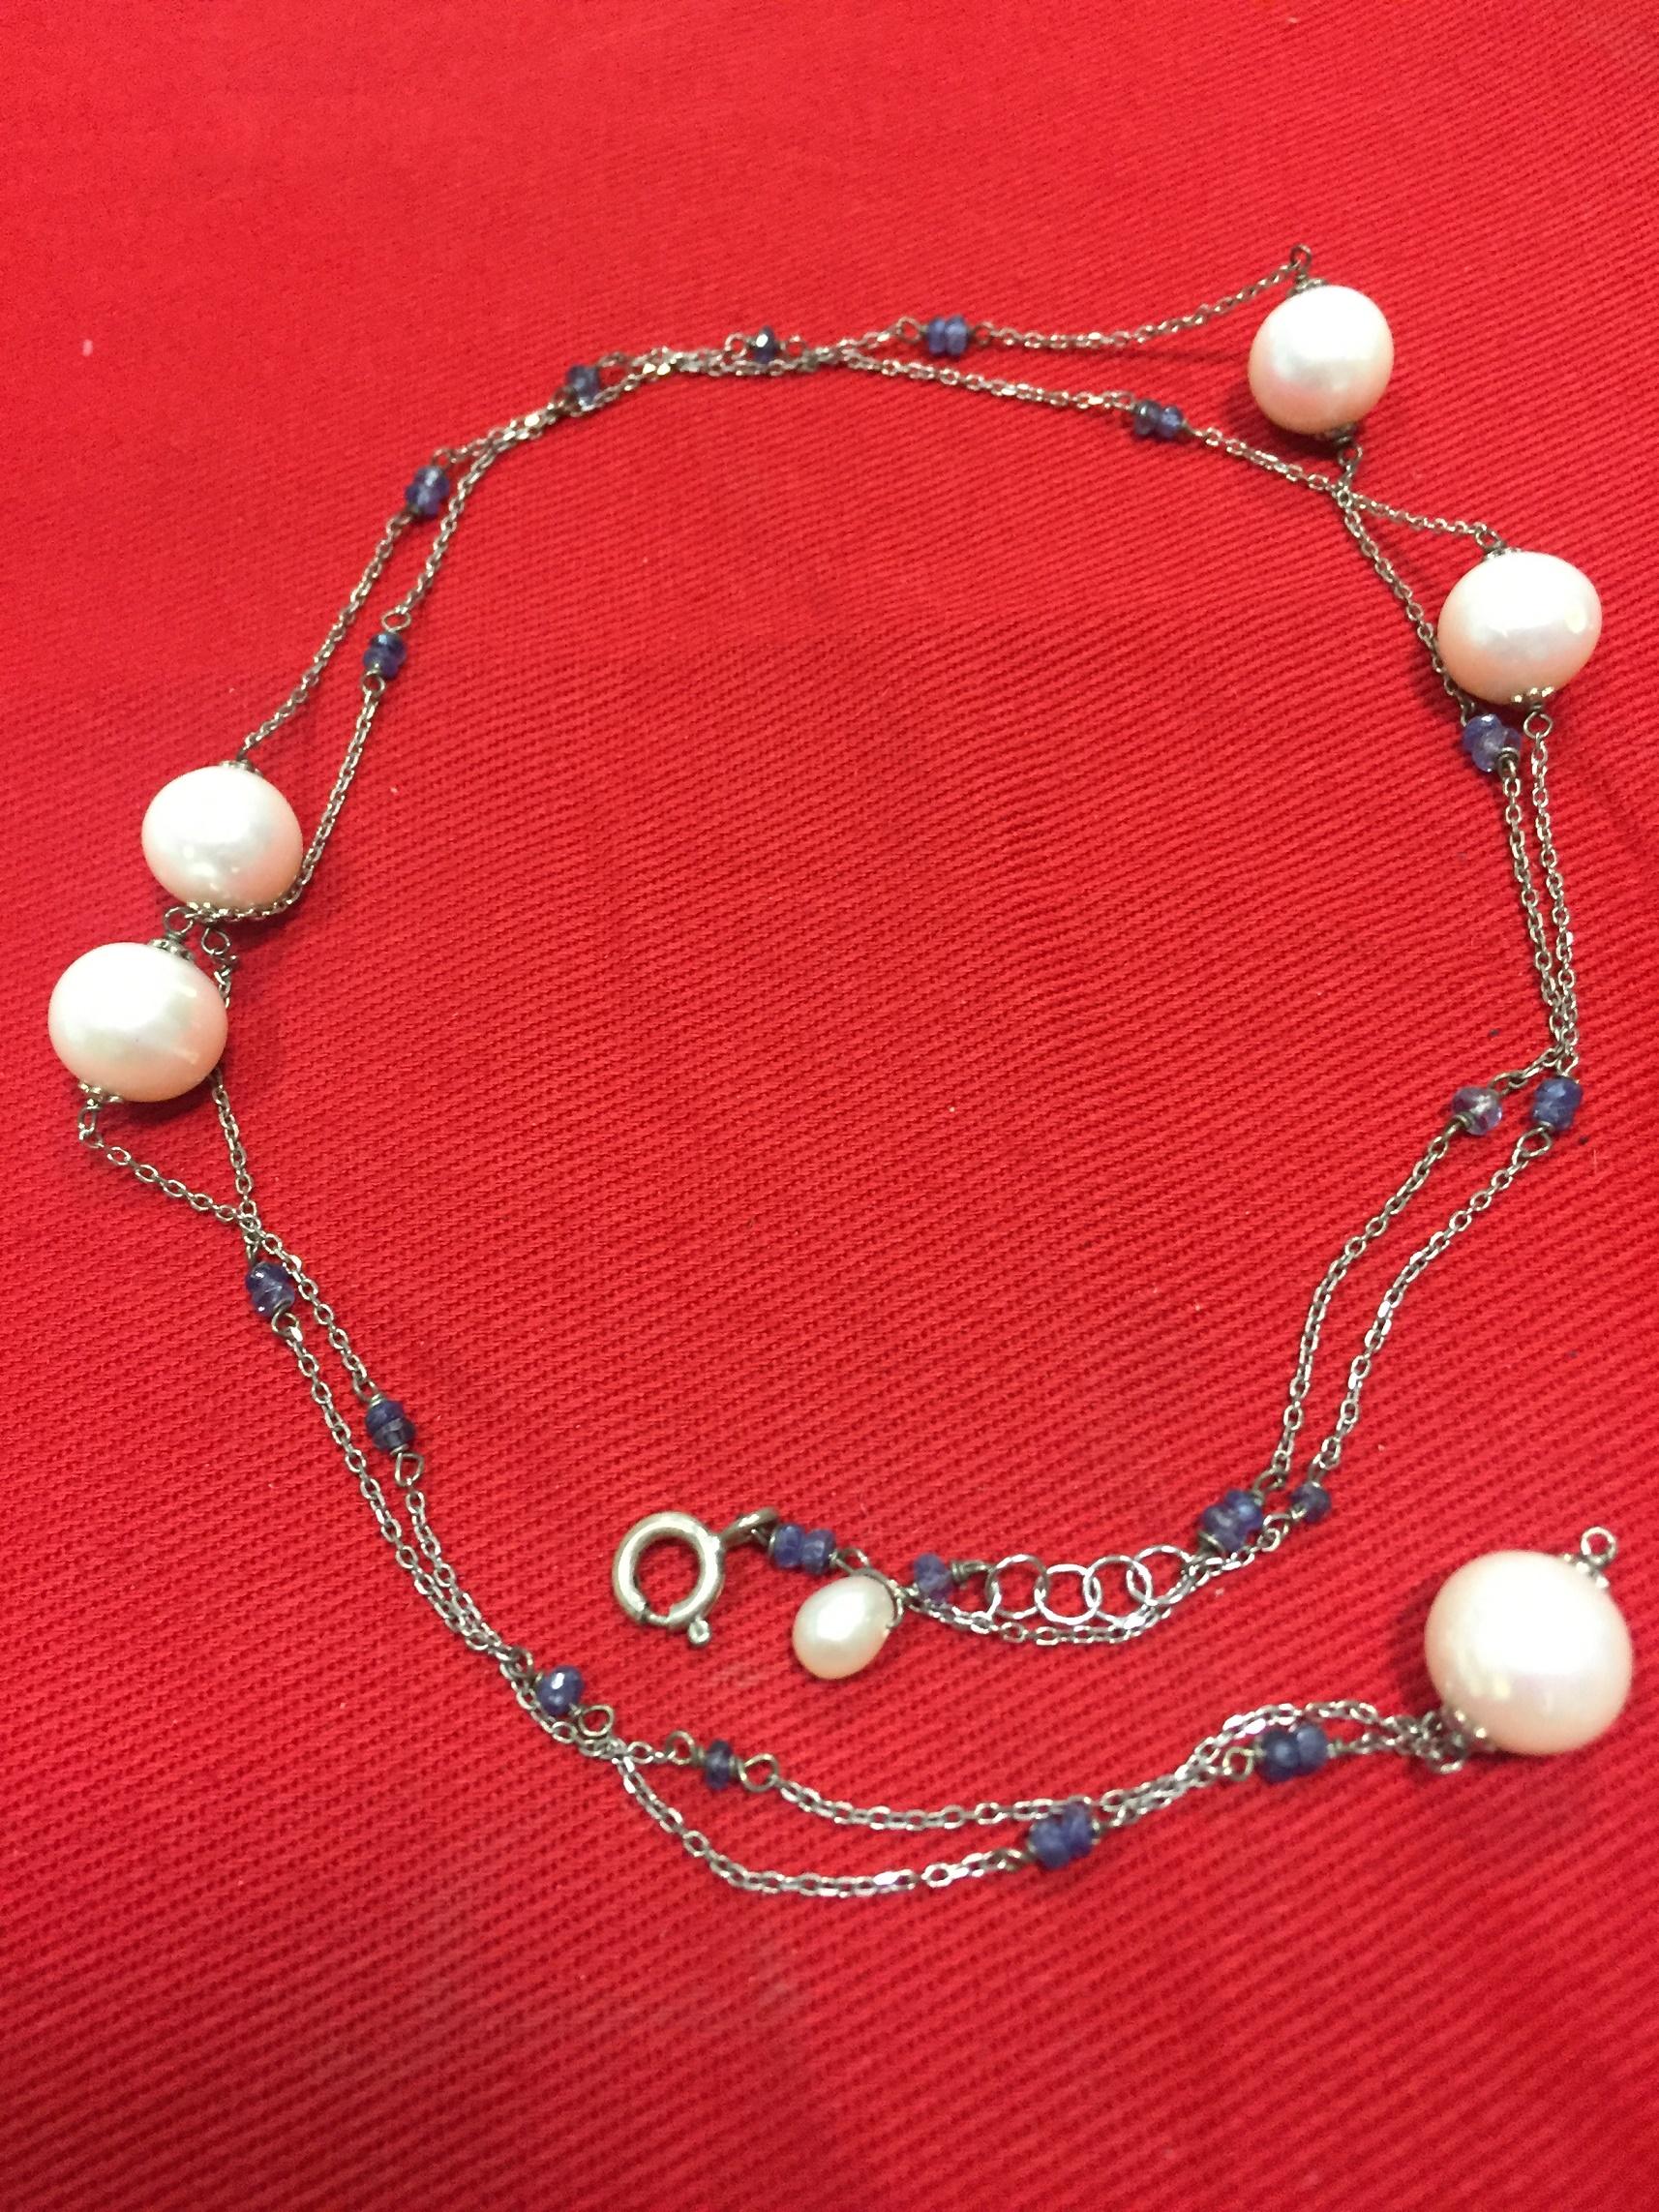 Rif. n. 334 Collana zaffiri più perle Wing